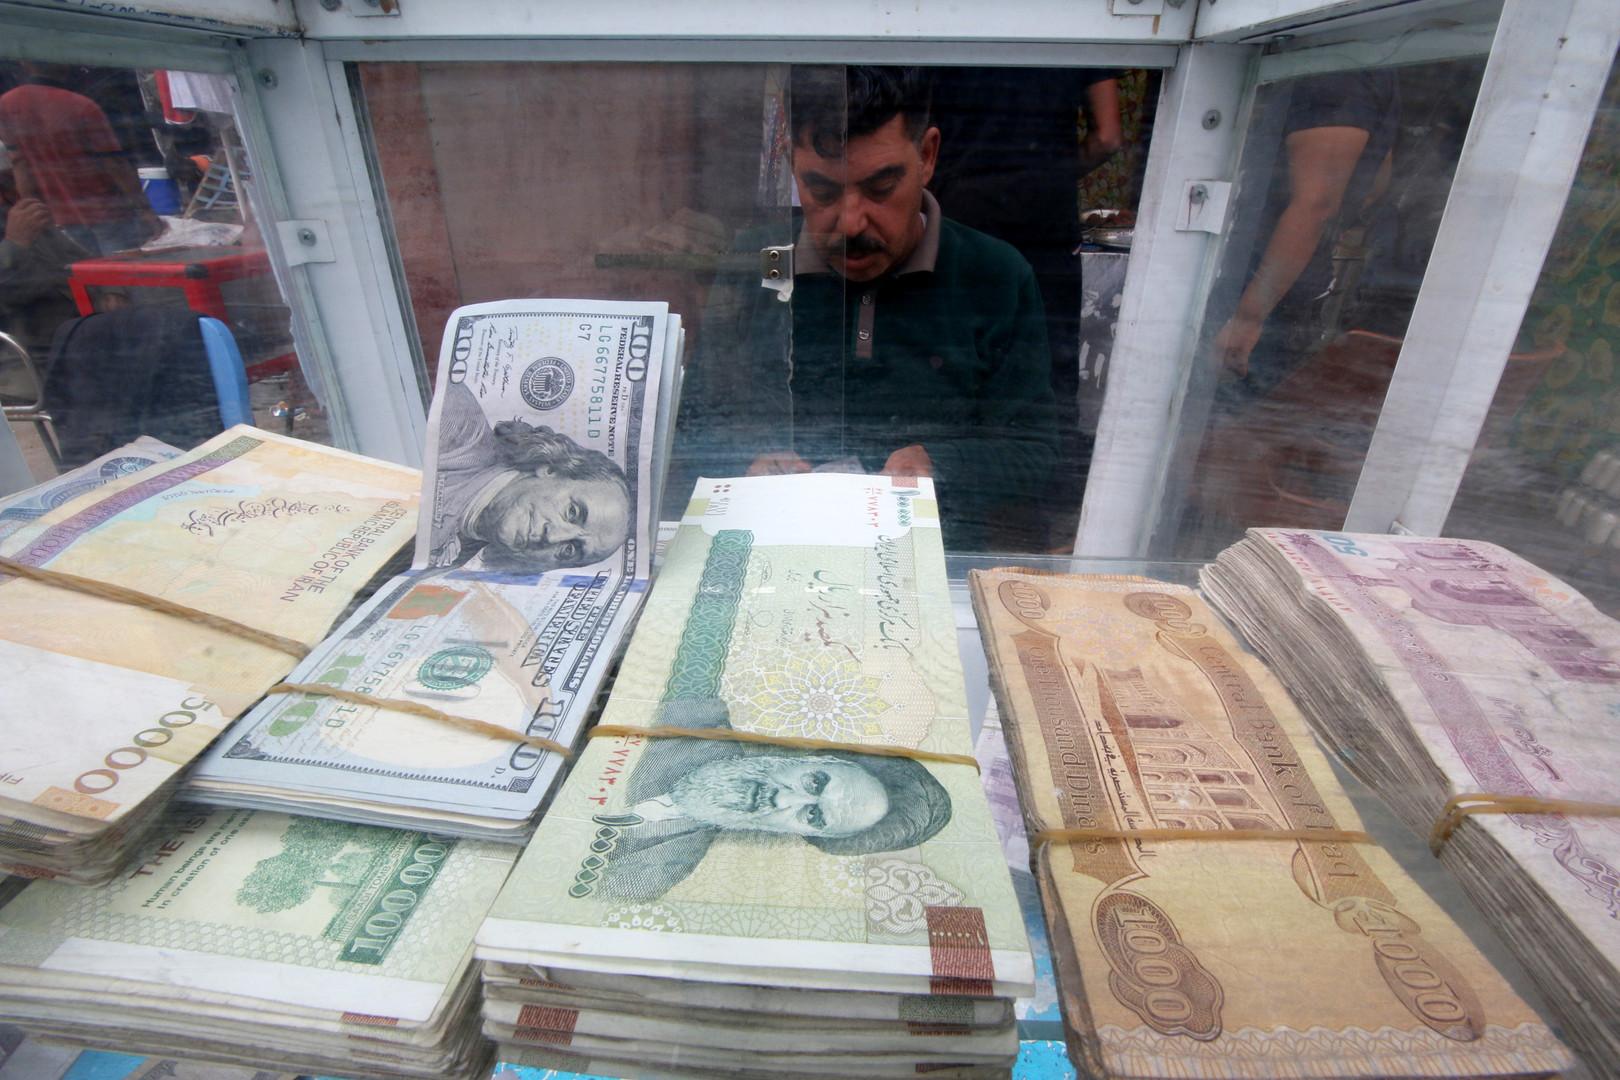 إيران تطالب بريطانيا بسداد ديونها لها